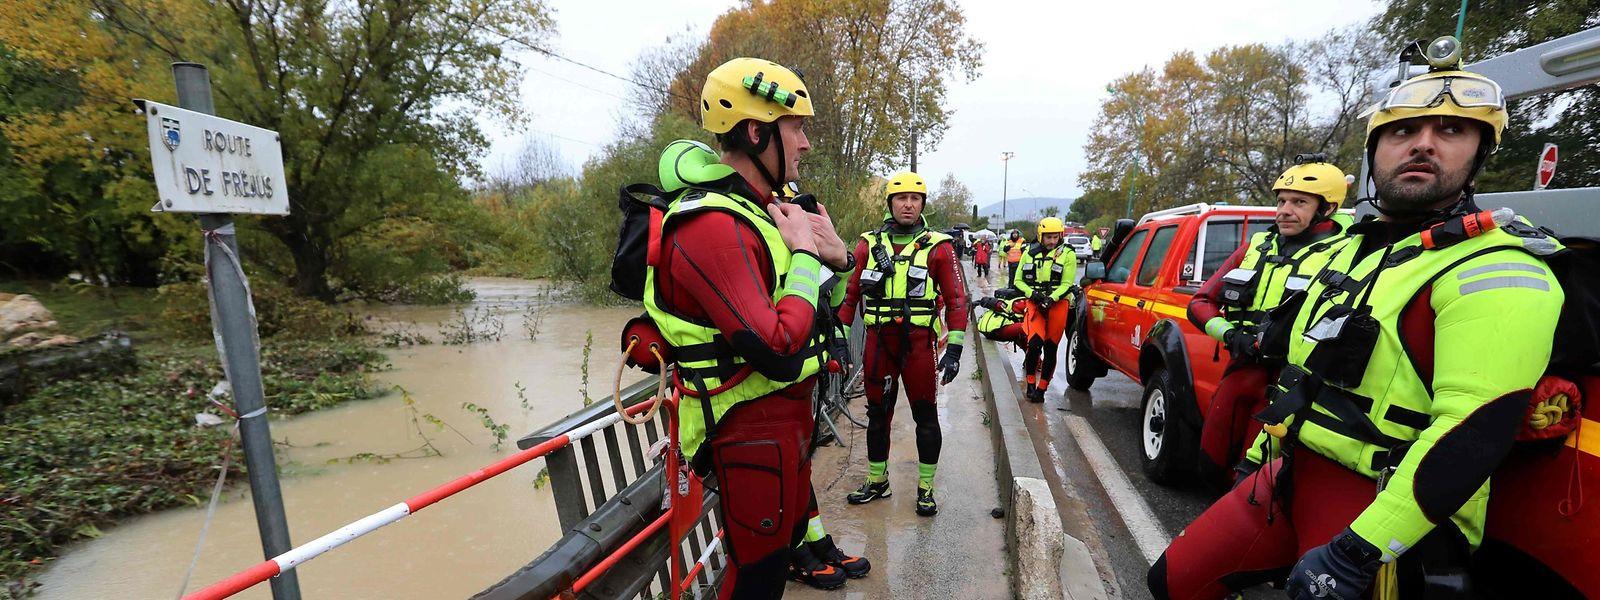 Rettungskräfte der französischen Protection Civile sind fast rund um die Uhr im Einsatz, wie hier im südfranzösischen Ort Le Muy (Var).